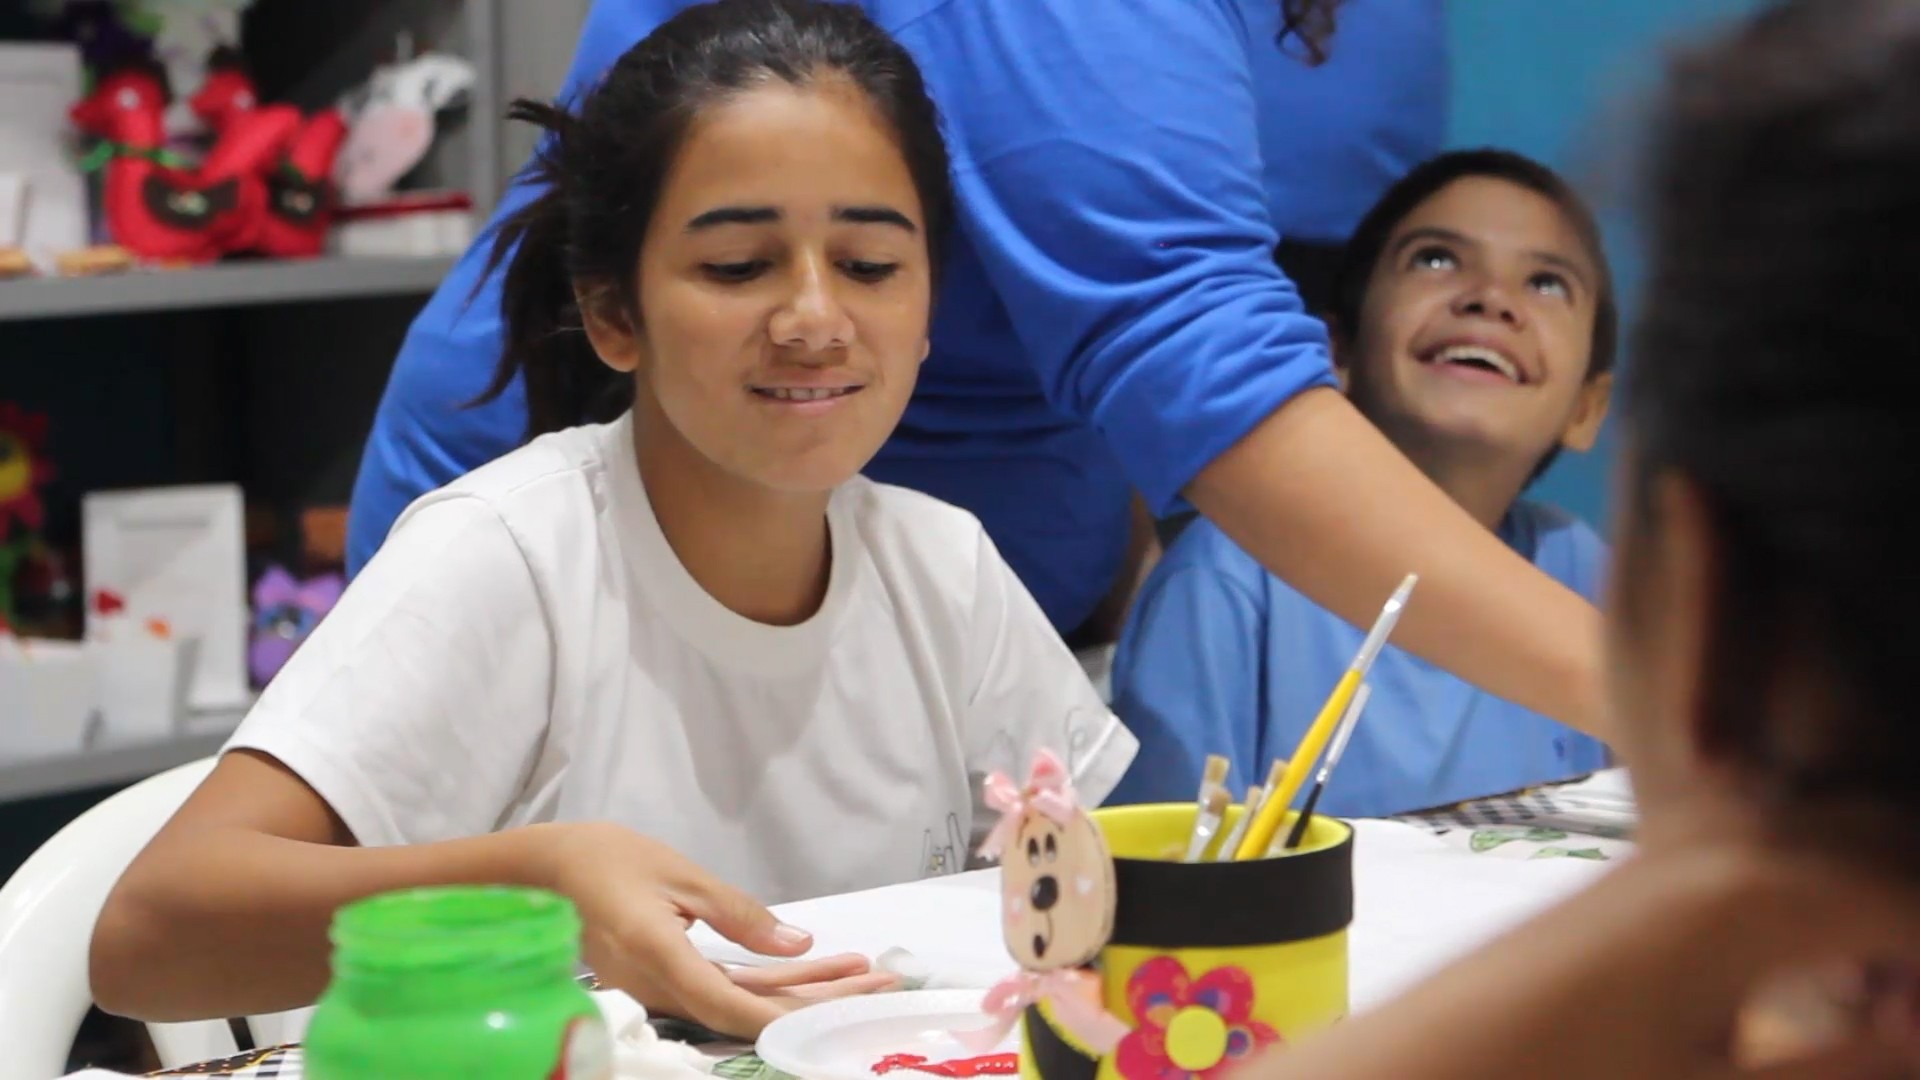 Semana da pessoa com deficiência intelectual e múltipla é aprovada por vereadores de Rio Branco - Noticias